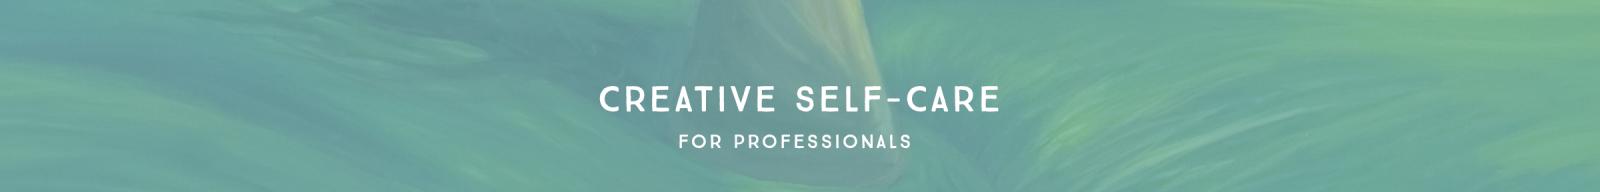 slider-creative-selfcare